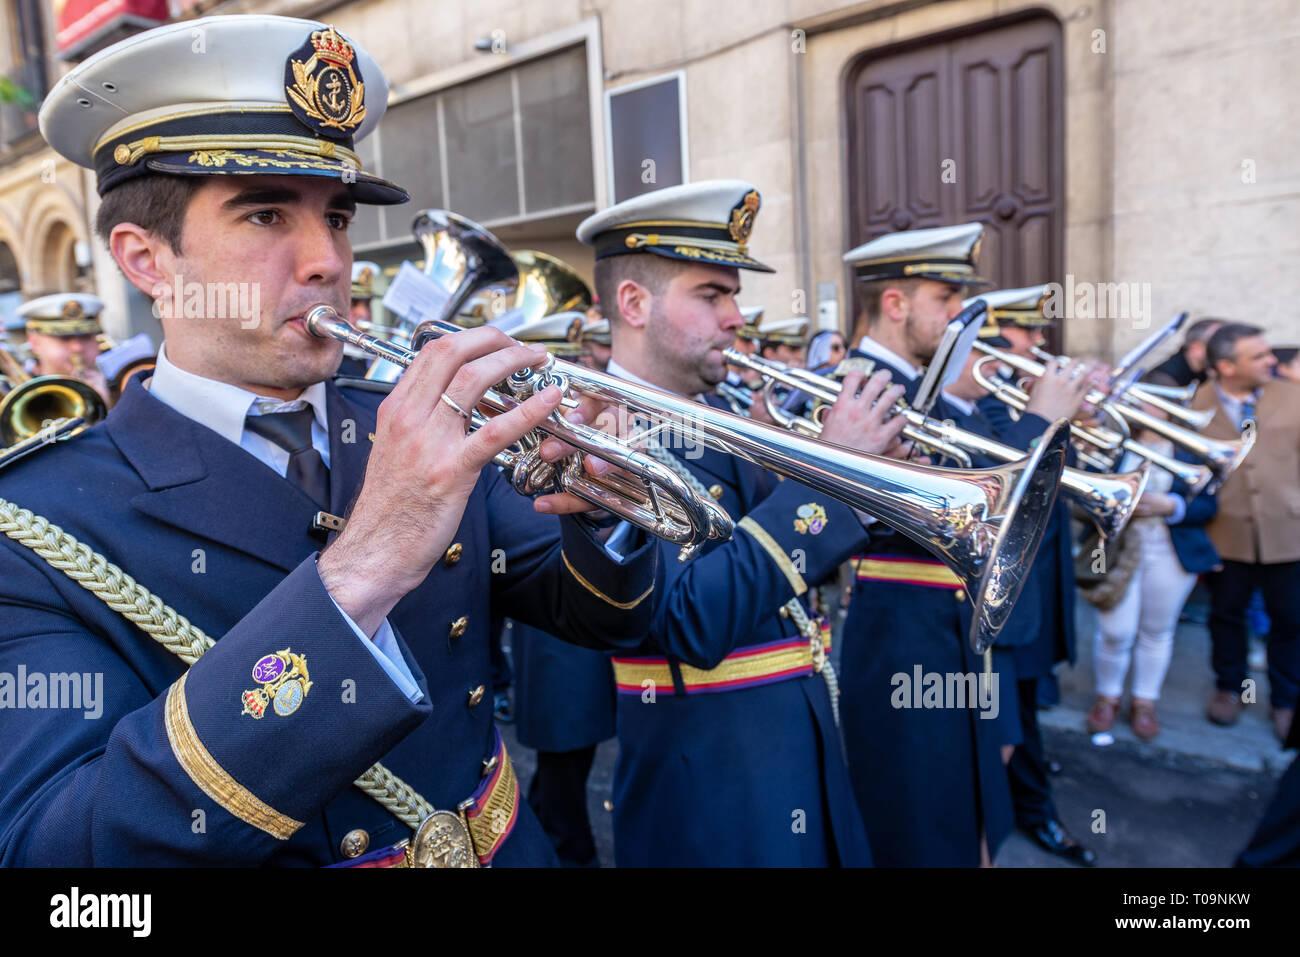 Sevilla, Spanien - 26. März: Marching Band spielt Musik während der Heiligen Woche Prozession in Sevilla, Spanien am 26. März 2018 Stockfoto